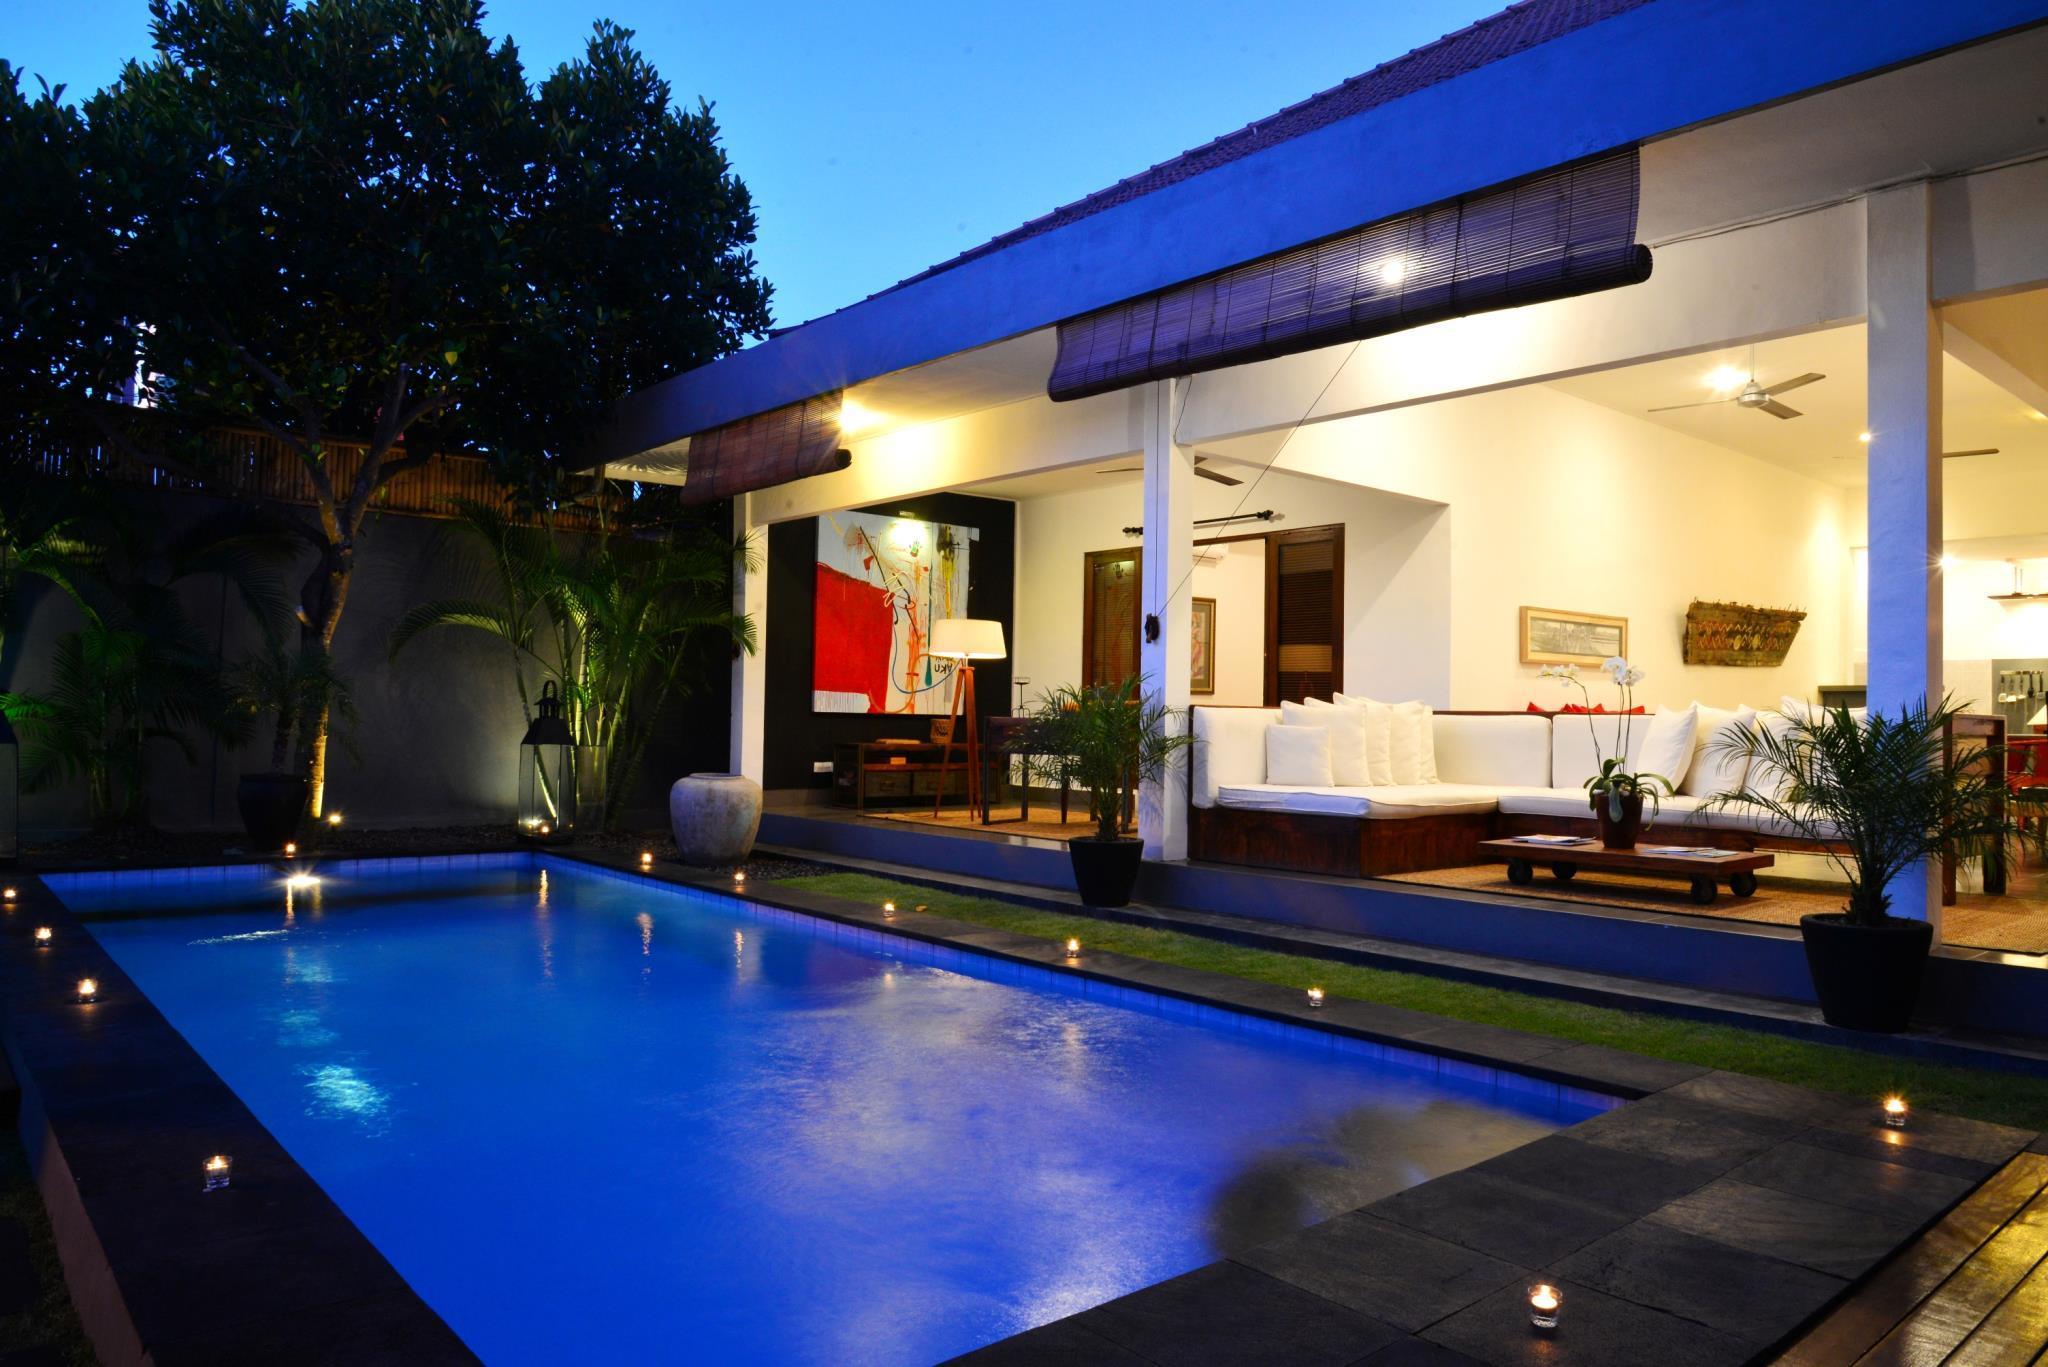 Holiday Villa Qatar Contact